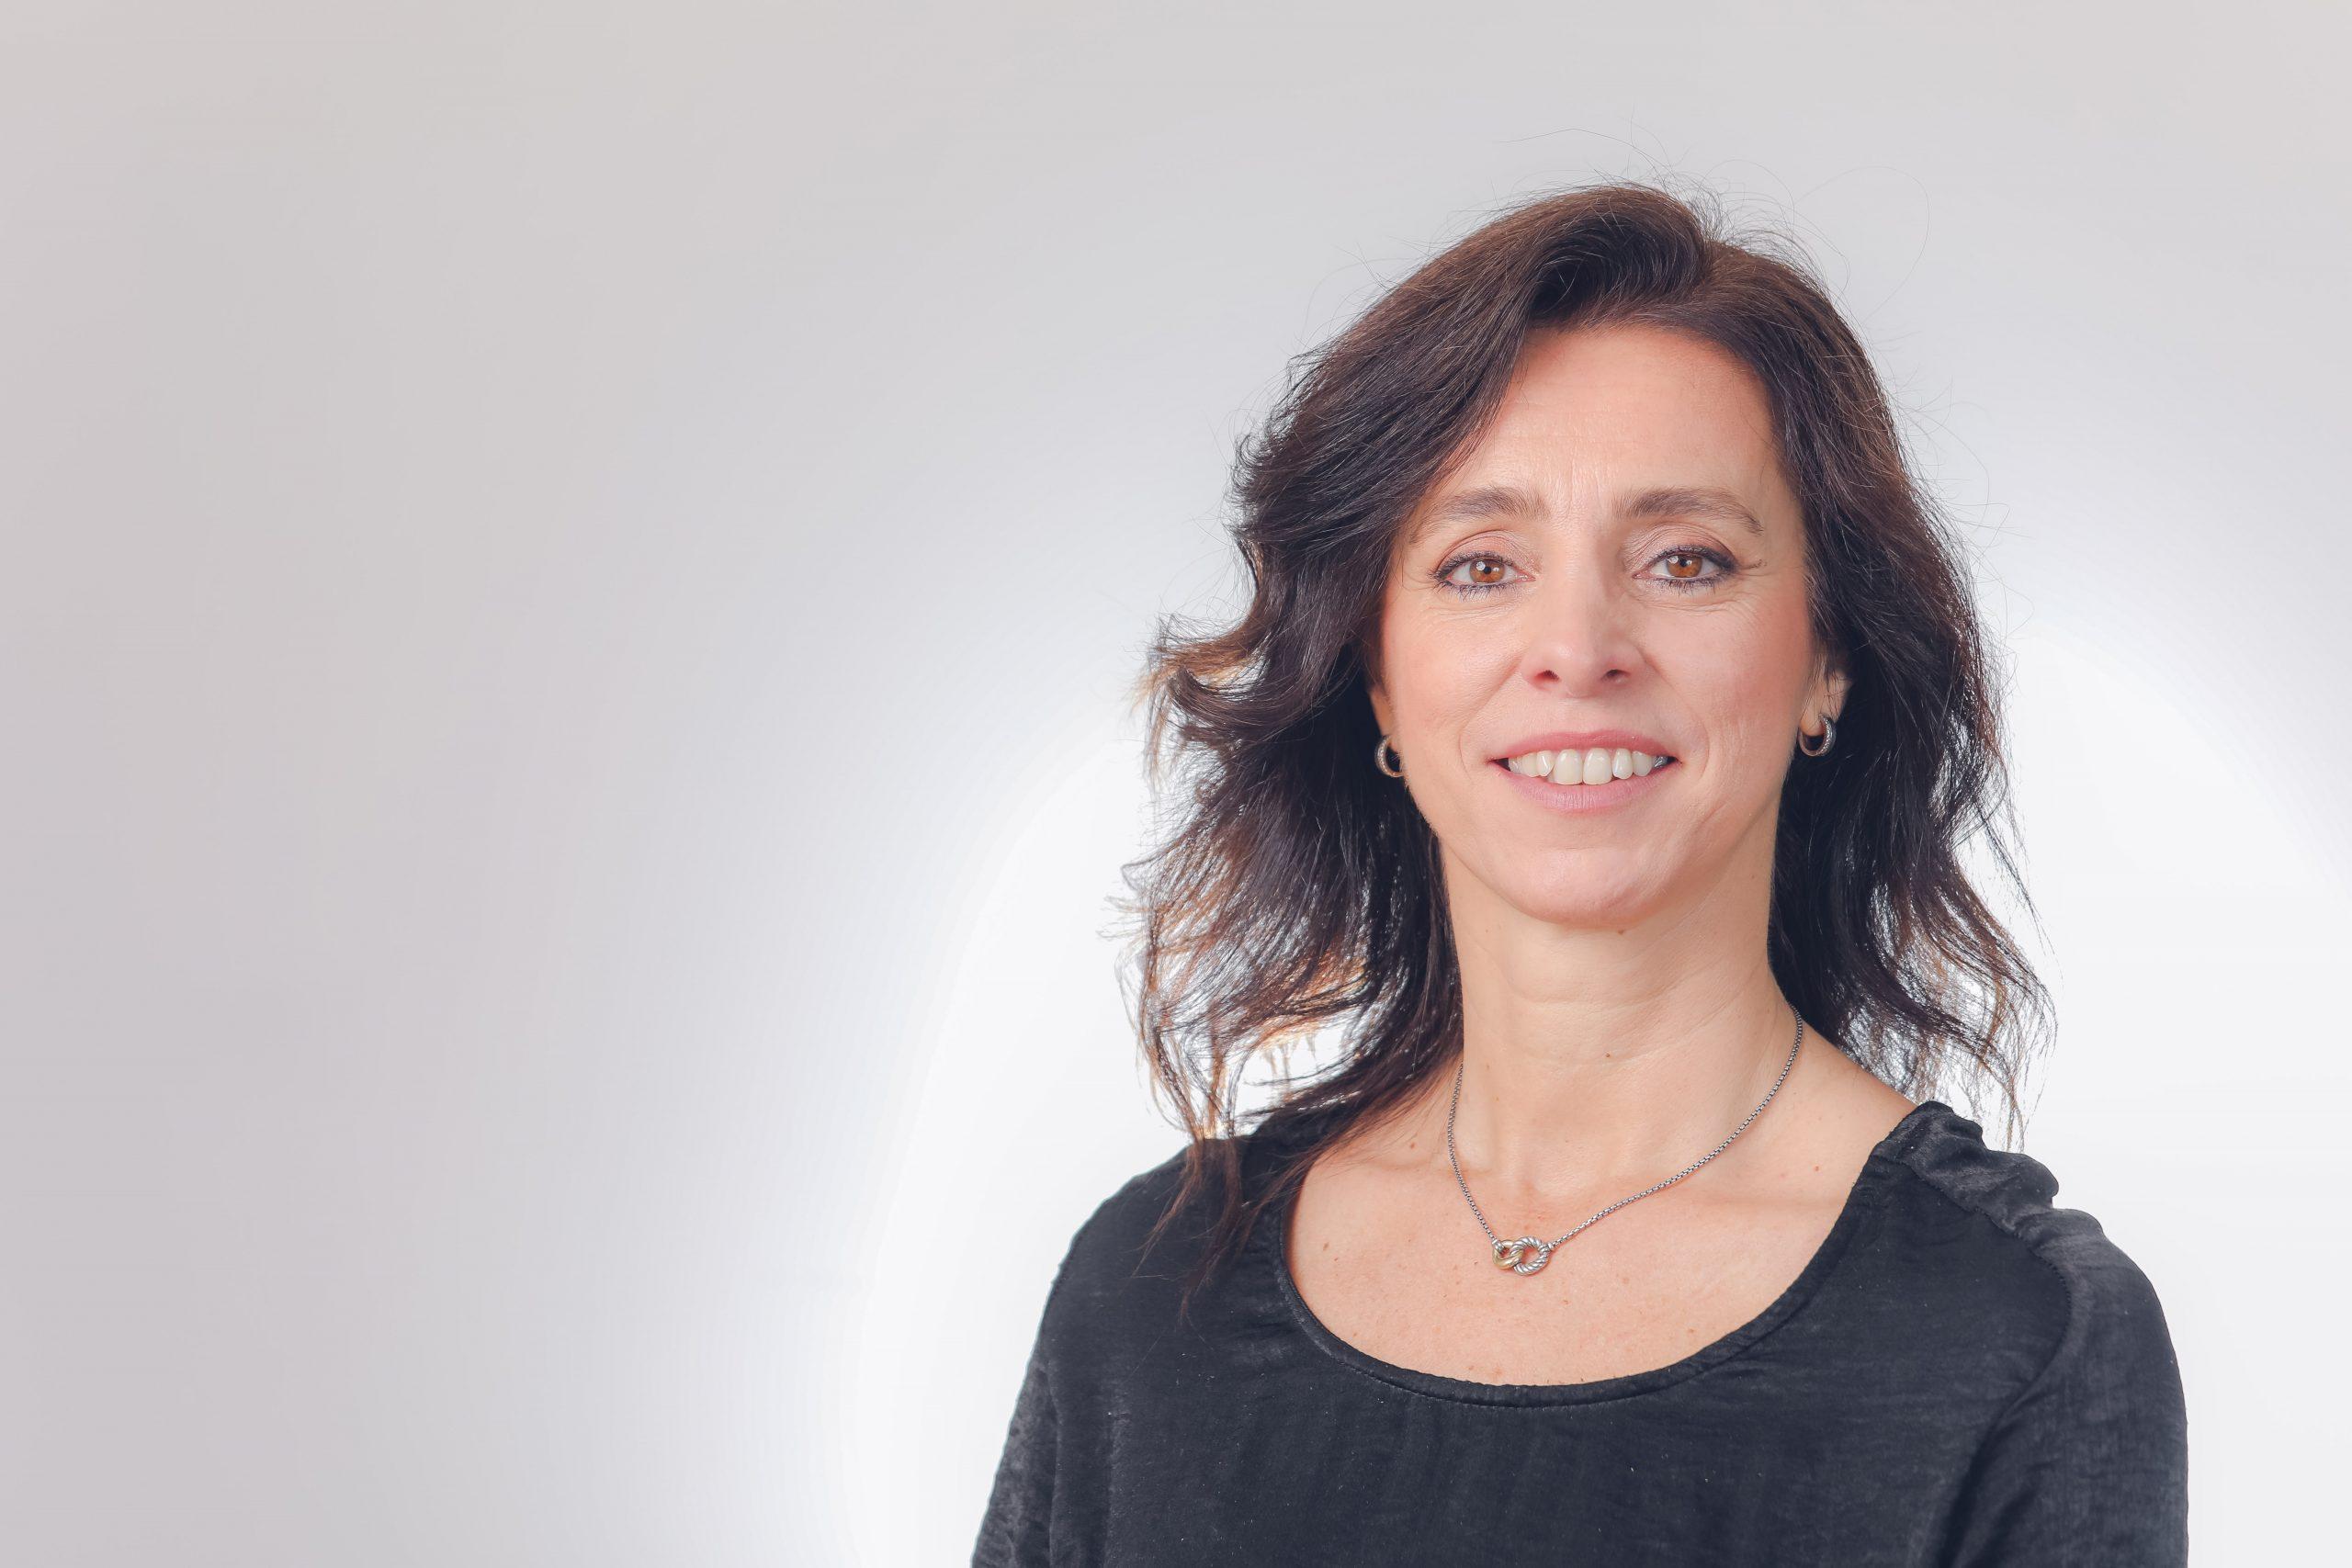 """Claudia Boeri, presidente de SAP: """"La tecnología sirve para innovar y  repensar los negocios"""" ? EconoJournal"""